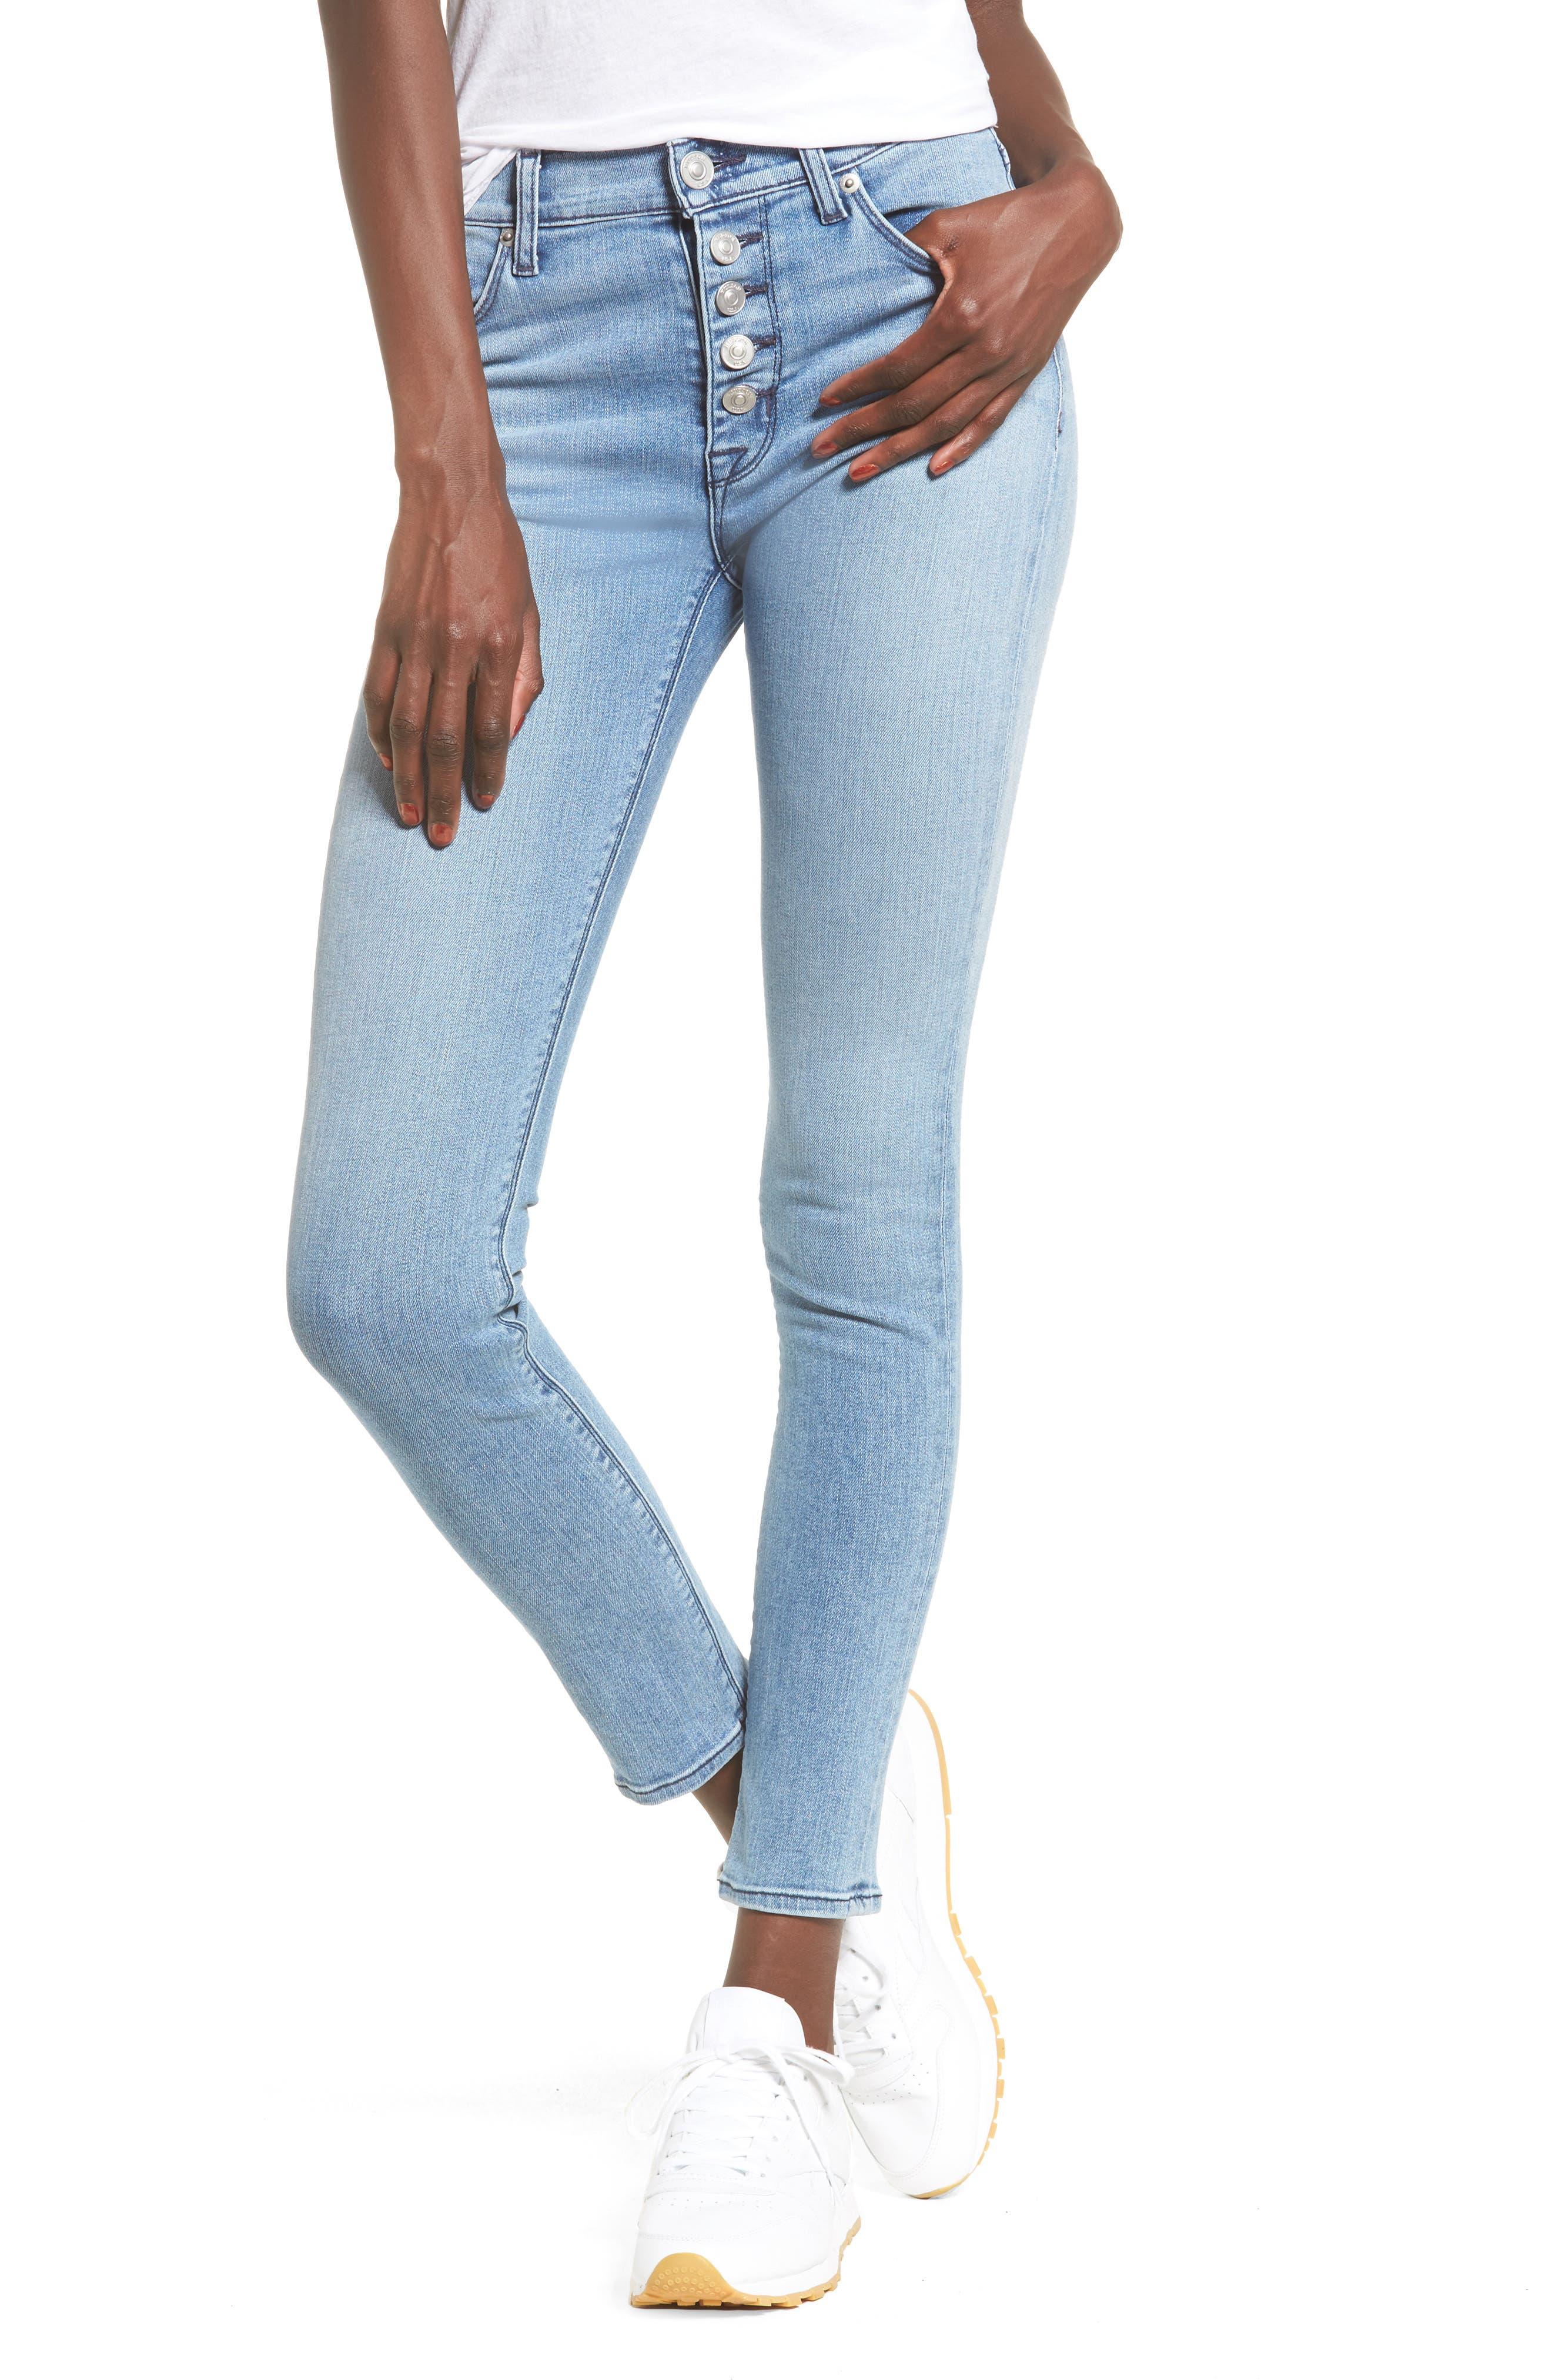 Main Image - Hudson Jeans Ciara High Waist Skinny Jeans (Shotgun)